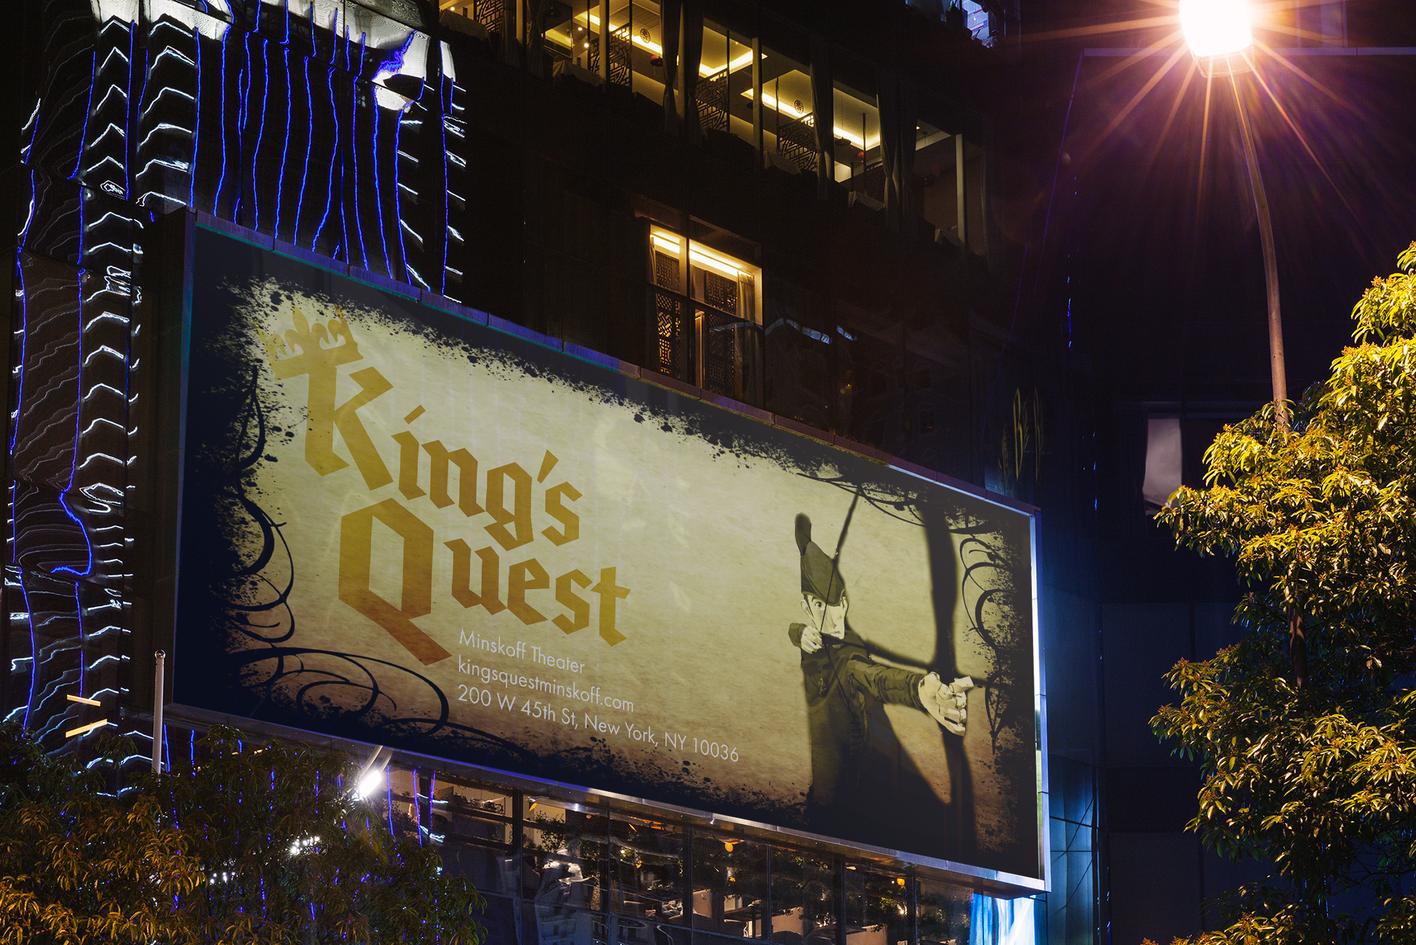 King's Quest Billboard